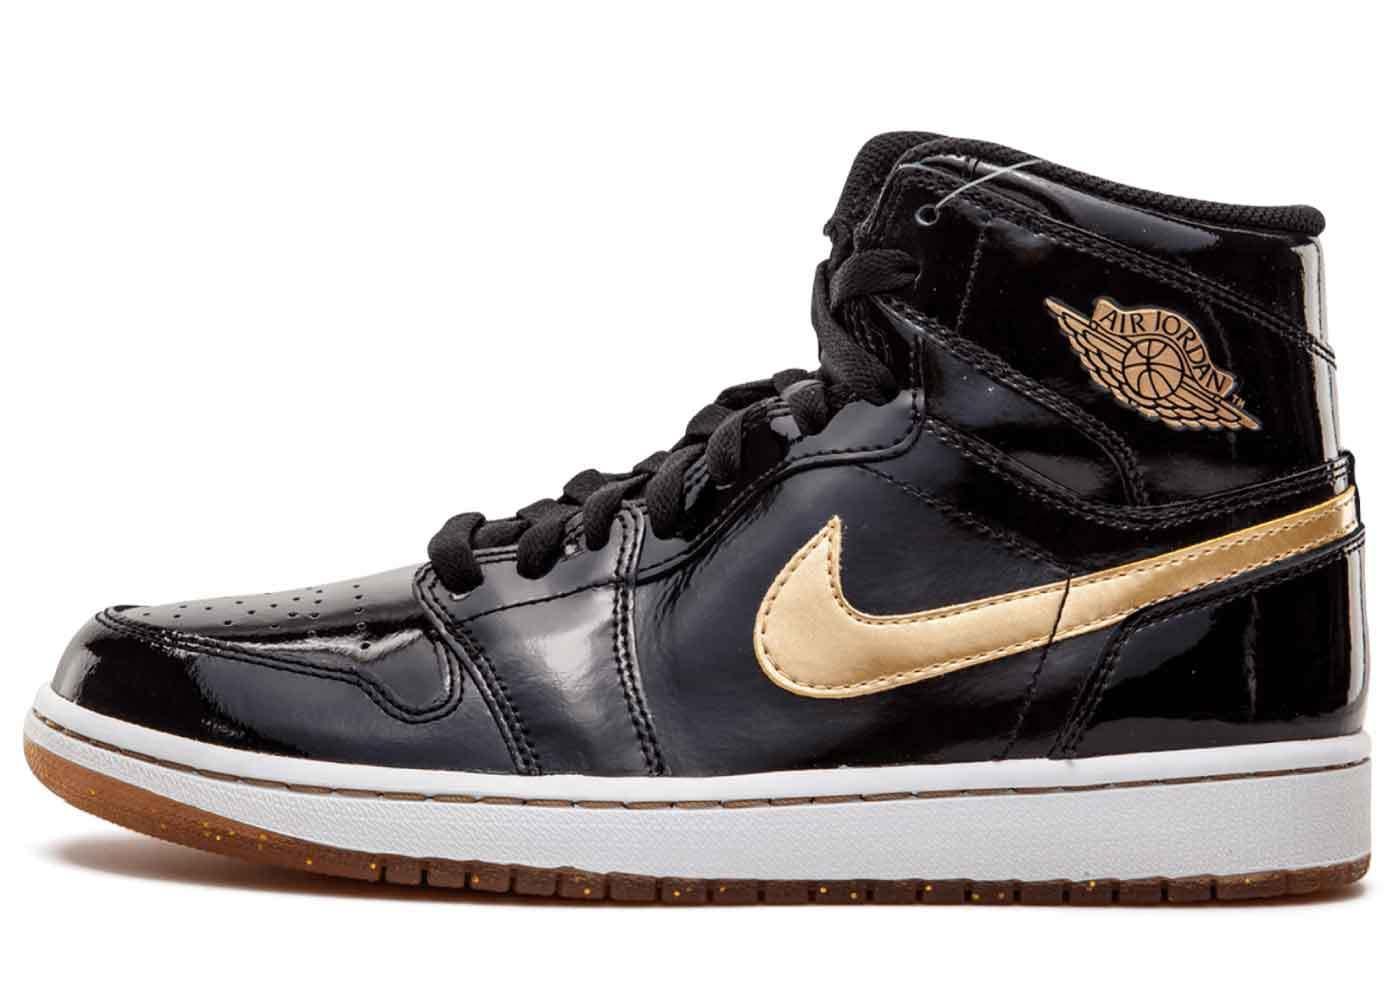 Nike Air Jordan 1 Retro Black Metallic Gold (2013)の写真